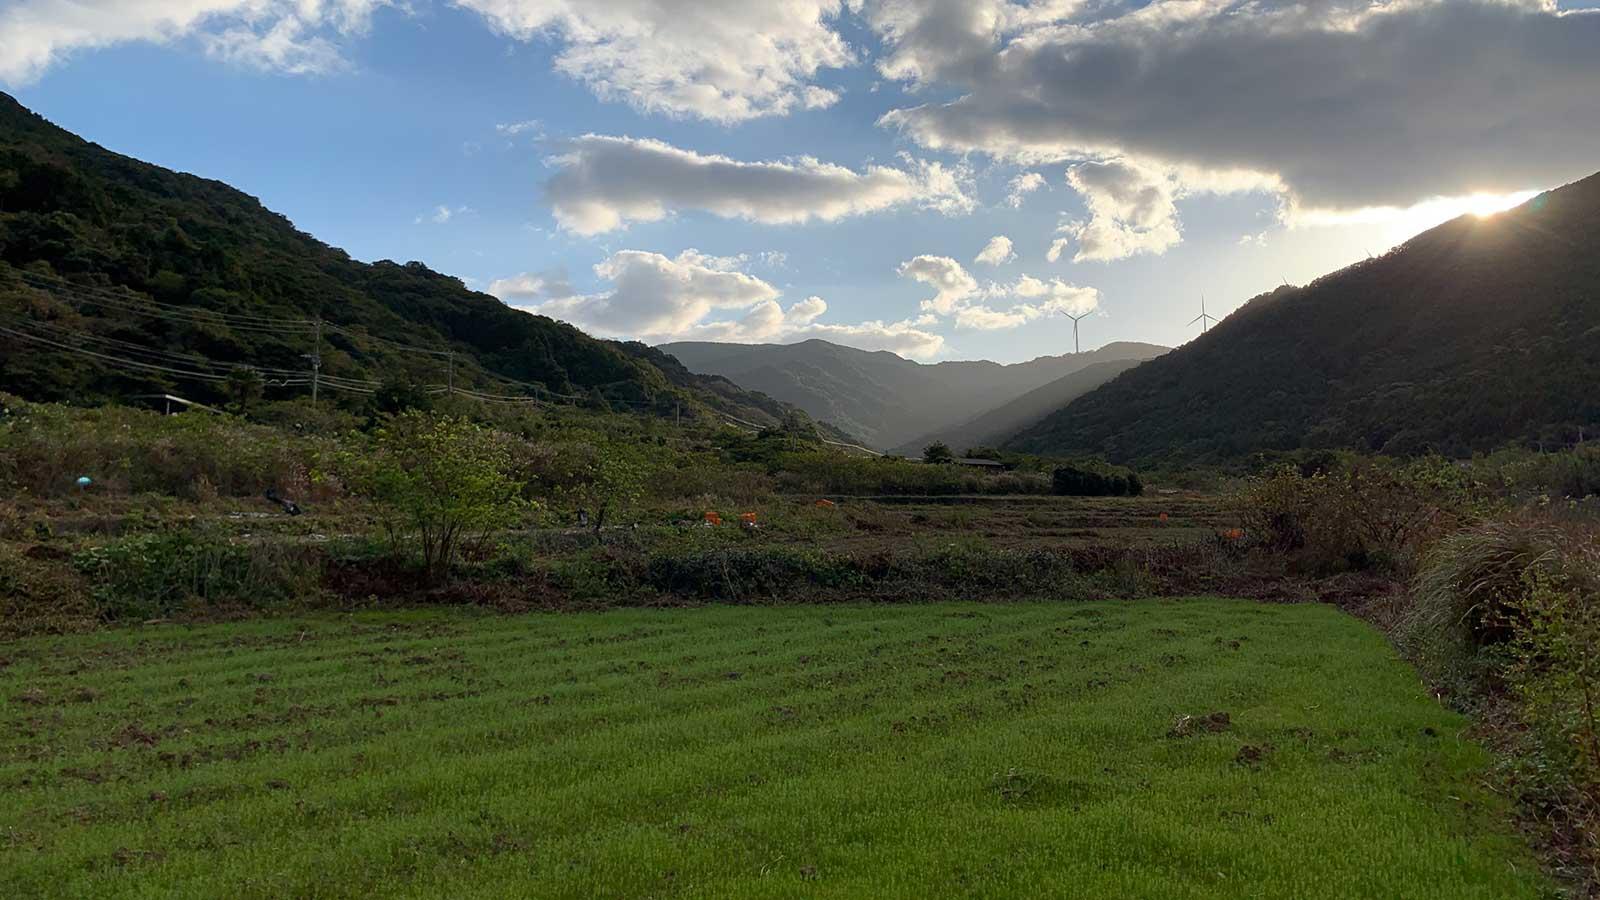 休耕地を蘇らせ幻の品種を復活させるなど、五島灘酒造は上五島の農業振興にも取り組んでいる。